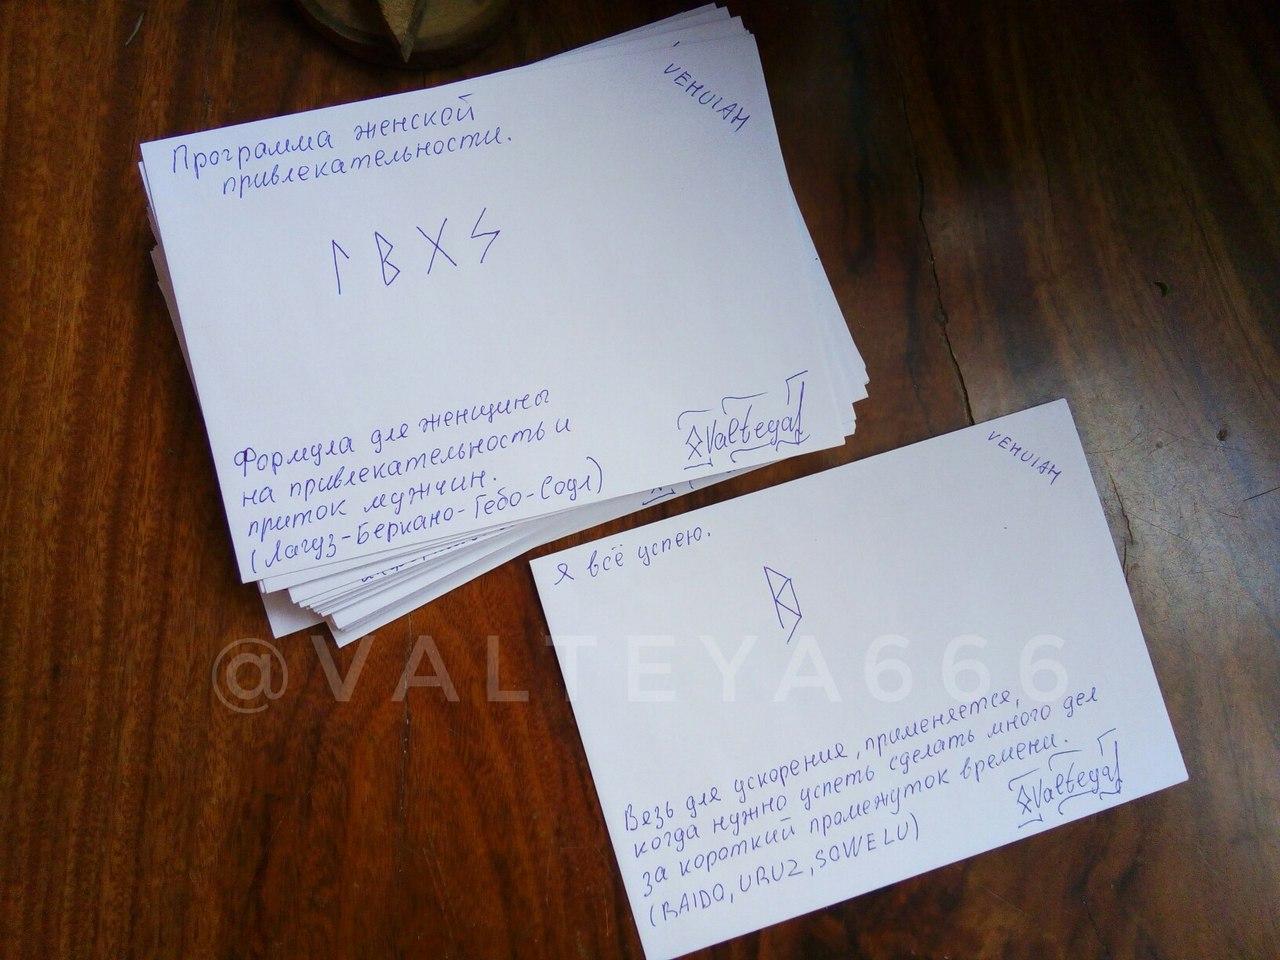 Рунограмма - Конверты с магическими программами от Елены Руденко. Ставы, символы, руническая магия.  - Страница 6 BrcY4XwC_HI